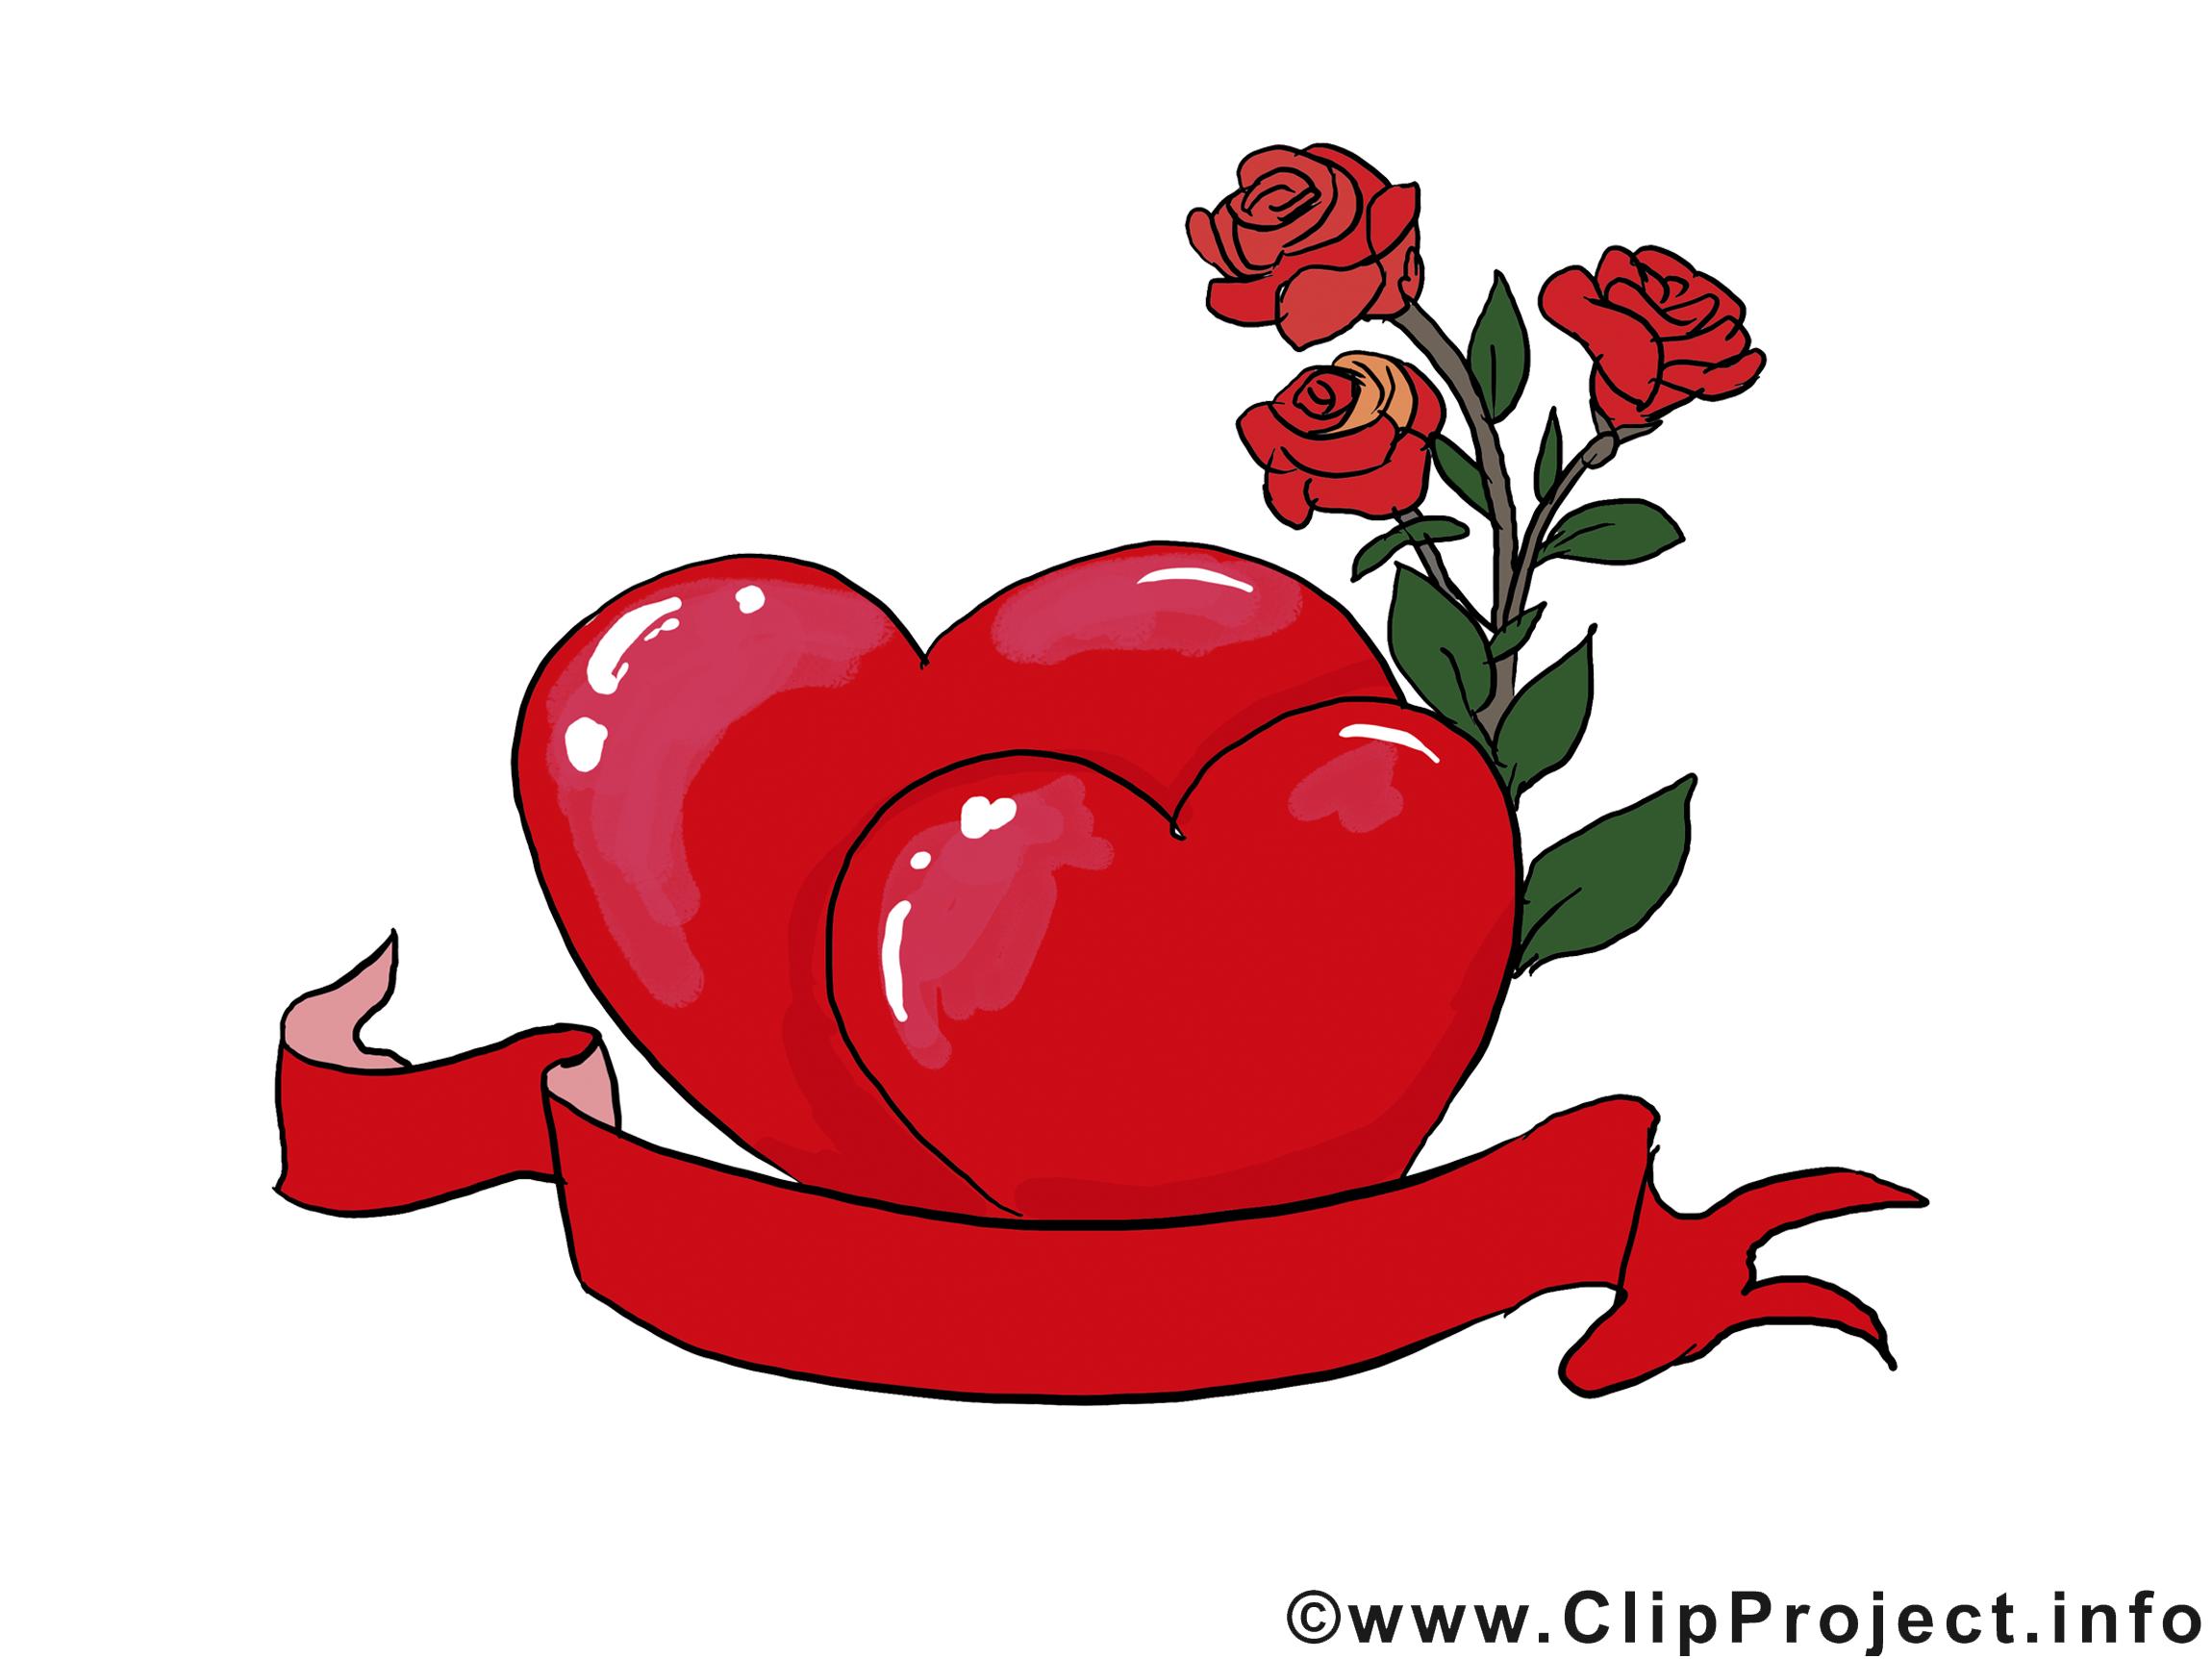 Rose cliparts - Saint-Valentin carte jolie